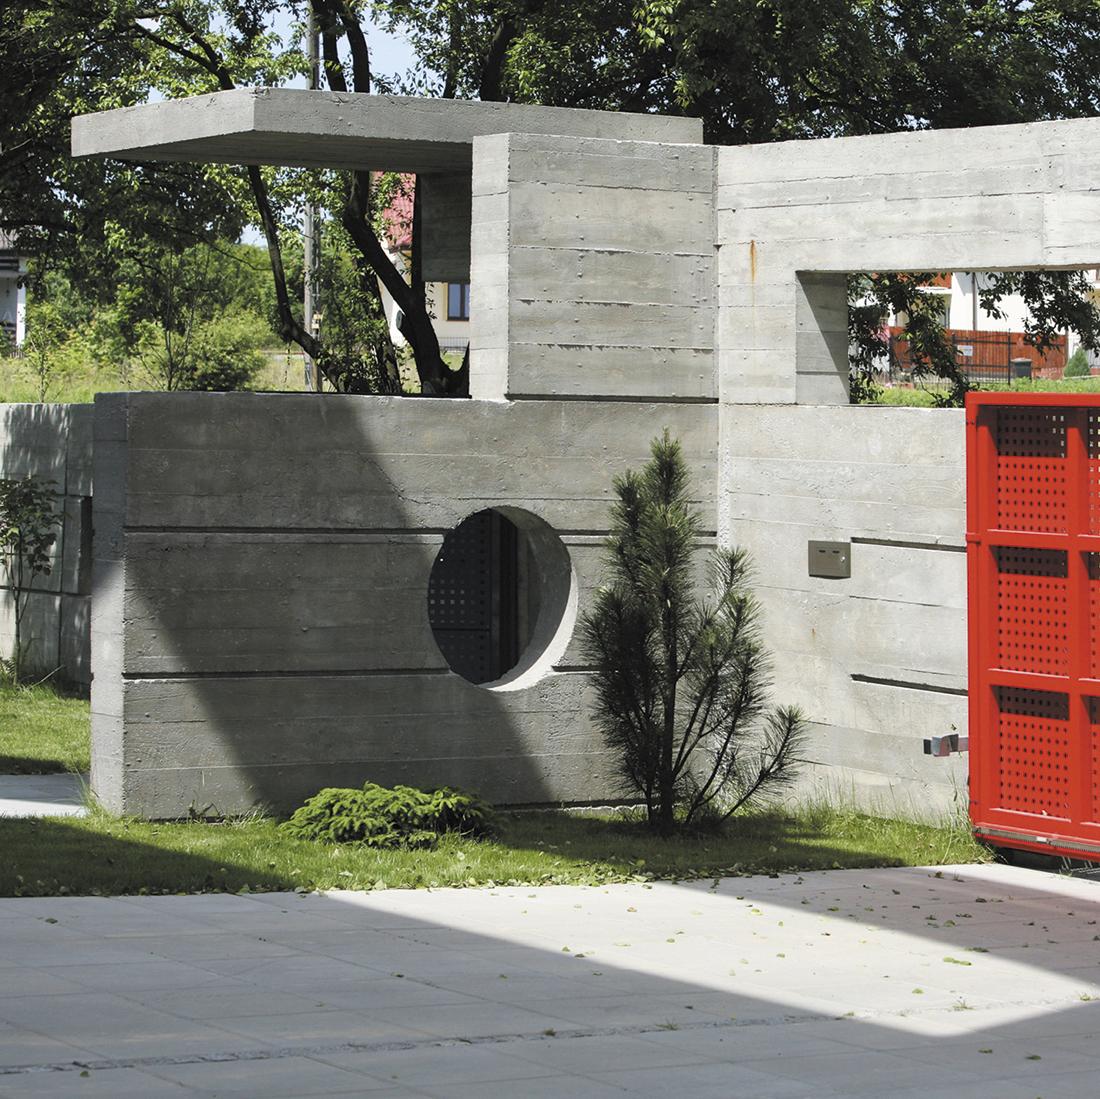 Casa Olajossy ossia Villa in fortezza, dom jednorodzinny wLublinie – projekt Dariusza Kozłowskiego iTomasza Kozłowskiego